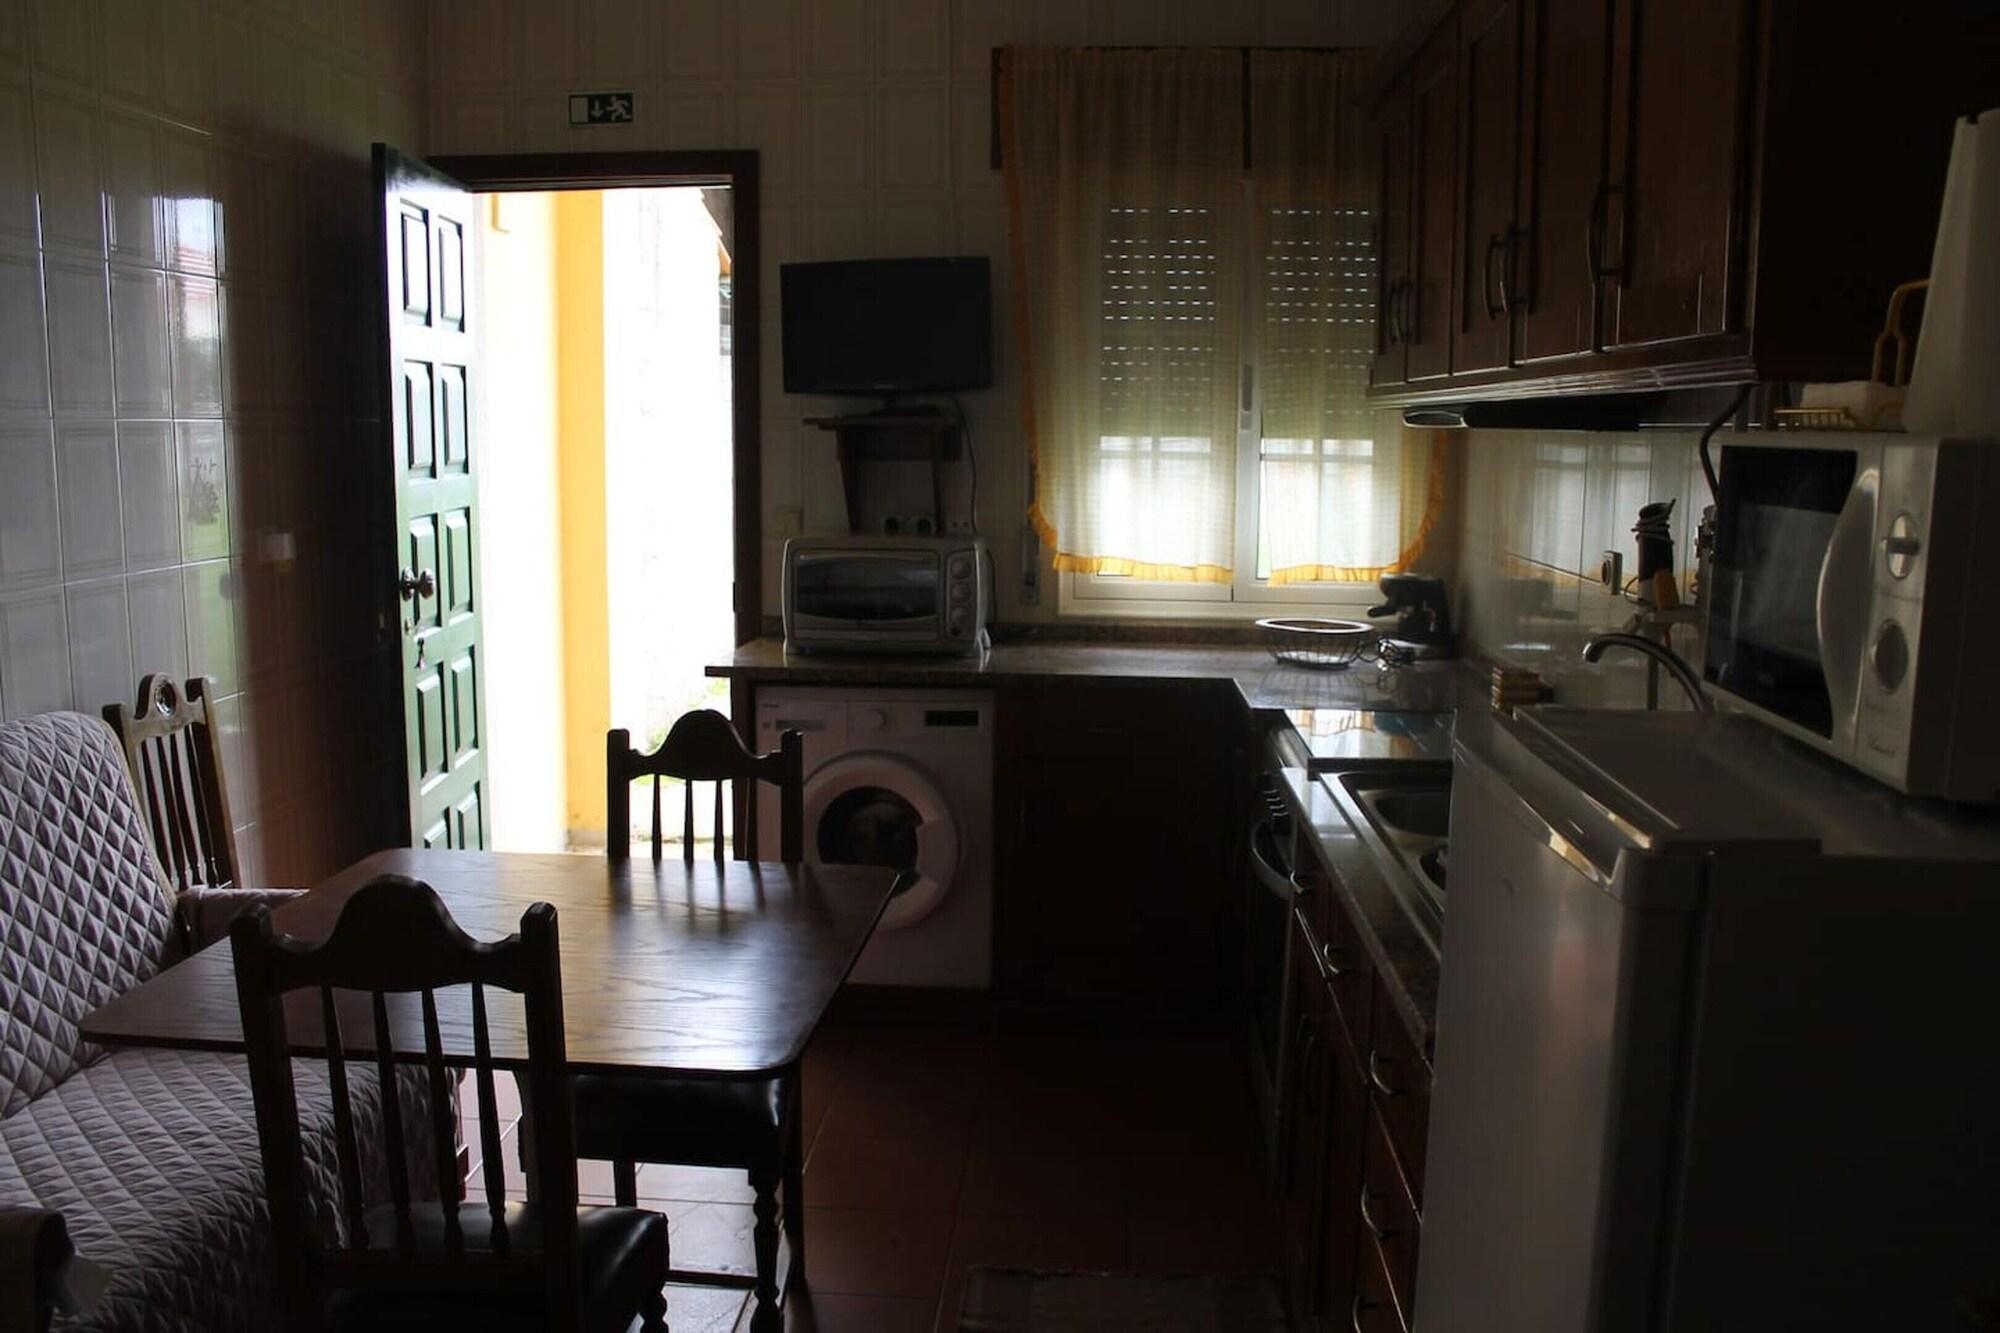 House With 2 Bedrooms in Macedo de Cavaleiros, With Enclosed Garden and Wifi, Macedo de Cavaleiros